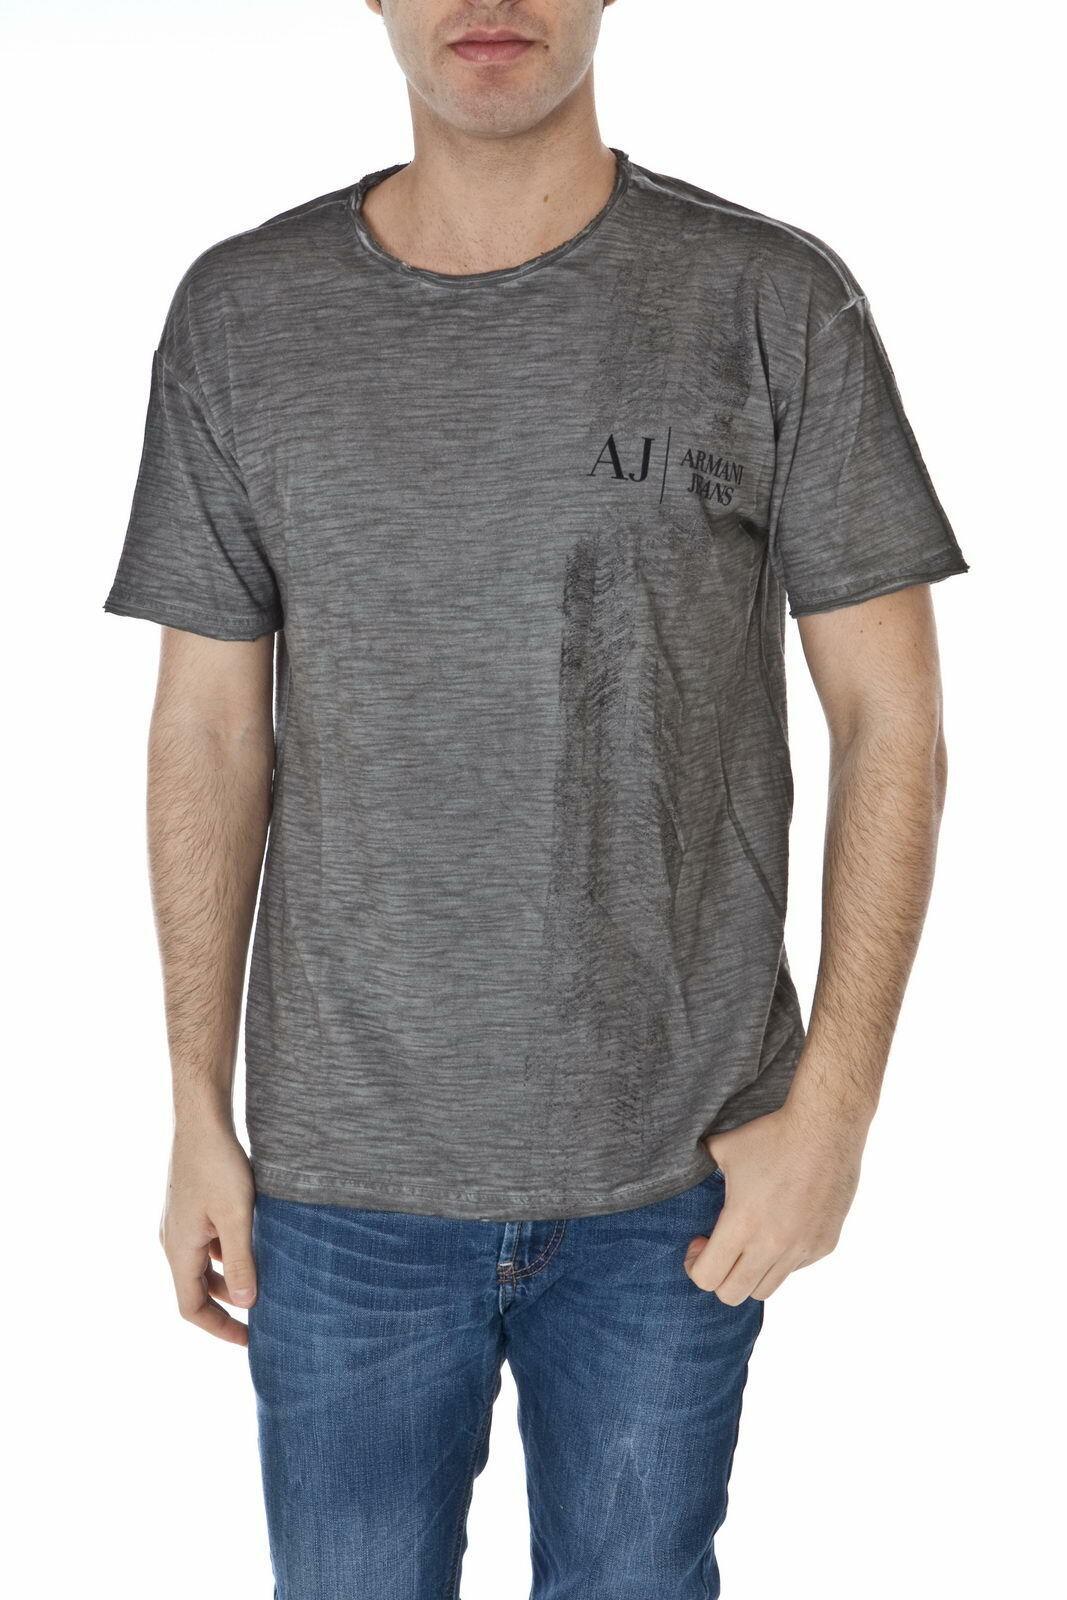 Armani Jeans AJ T Shirt Sweatshirt Cotton Man grau T6H14SL 92 Sz M MAKE OFFER